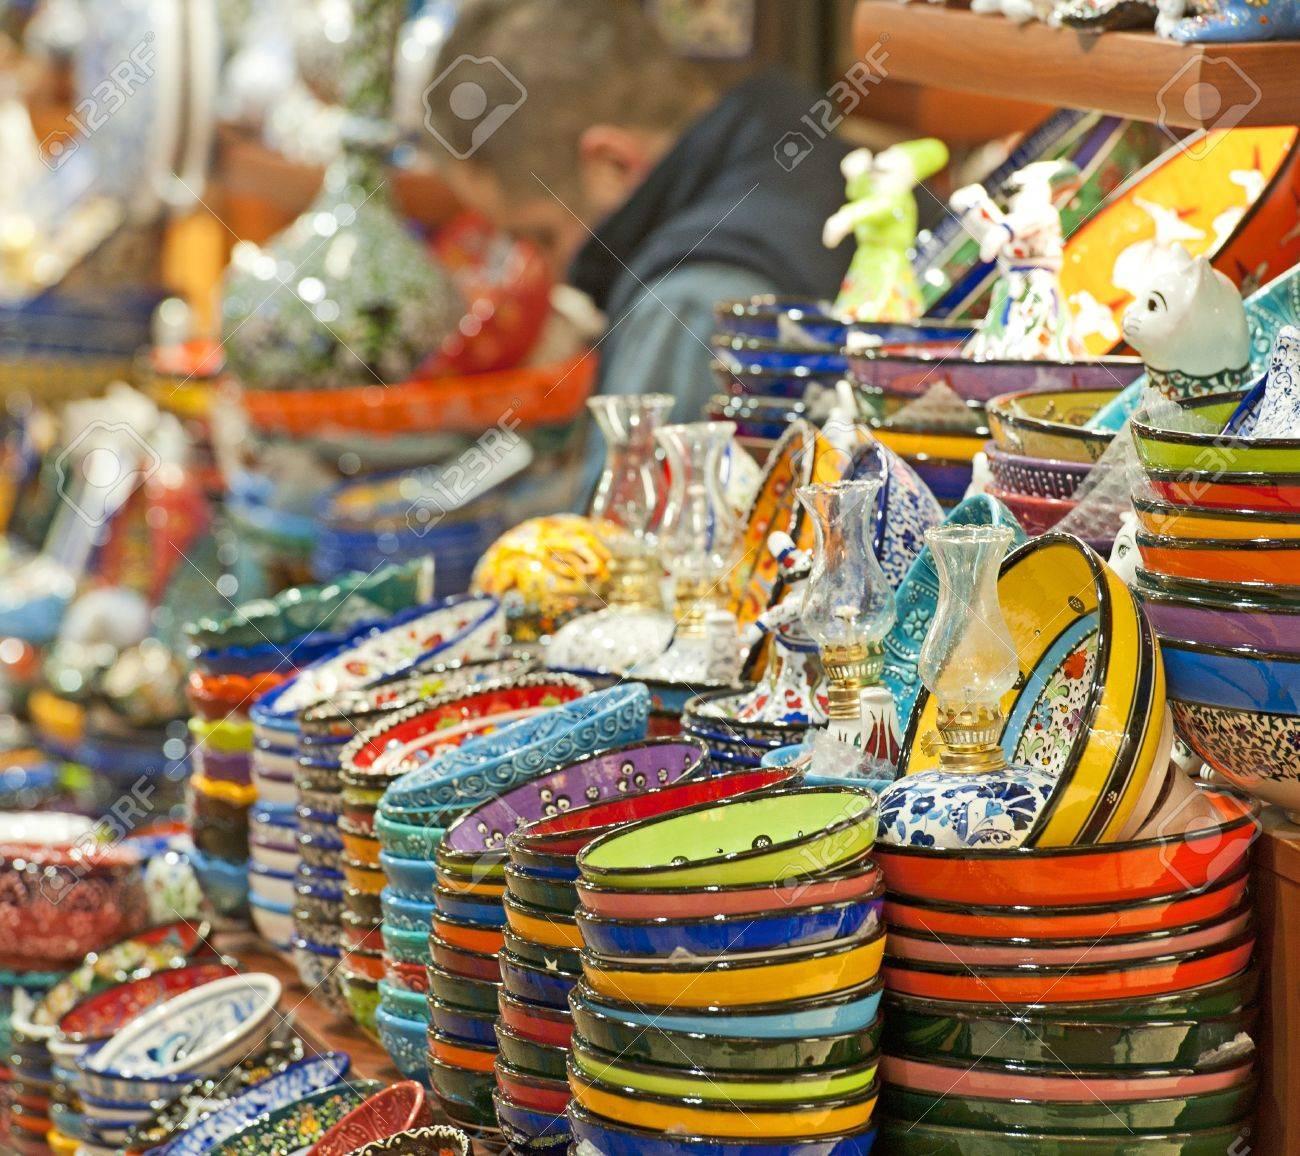 Dekoriert Osmanischen Stil Keramik Tellern Und Schalen In Einen